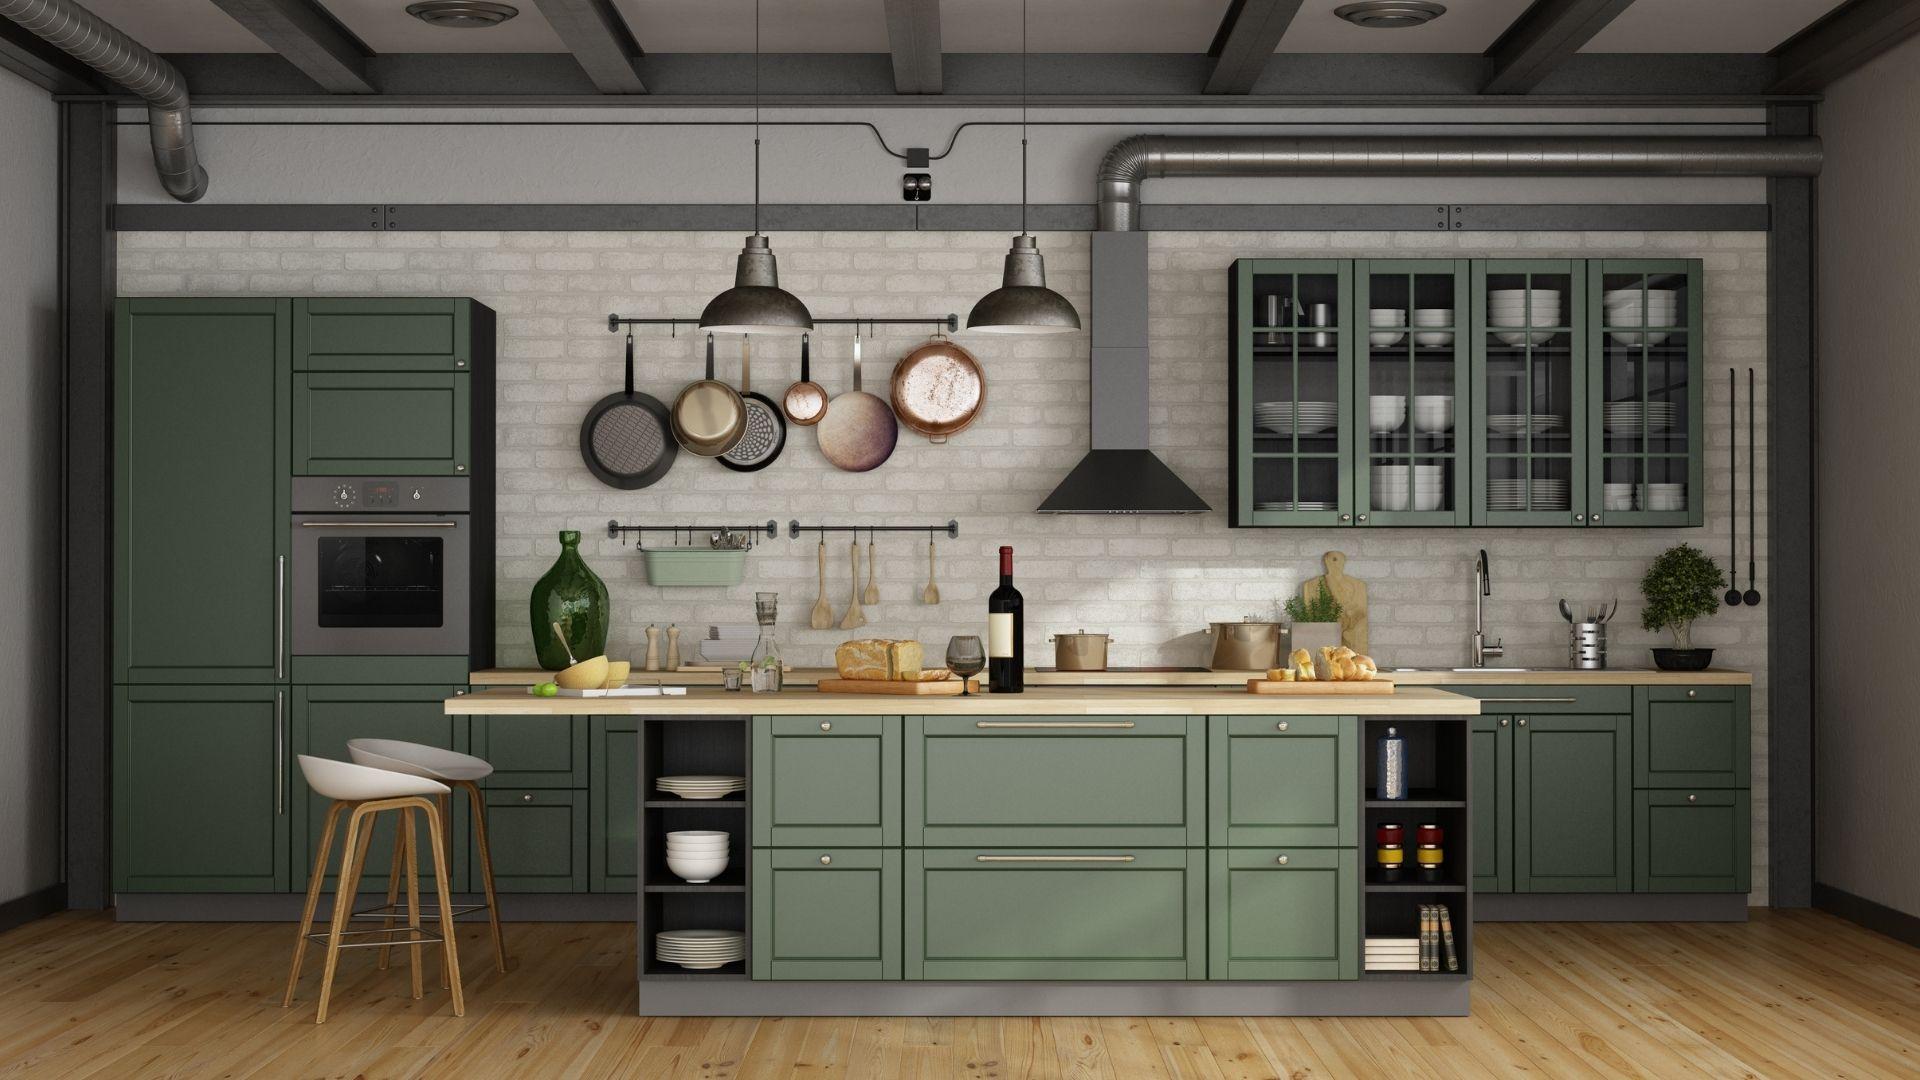 kuchnia w kolorze zielonym zdjęcia